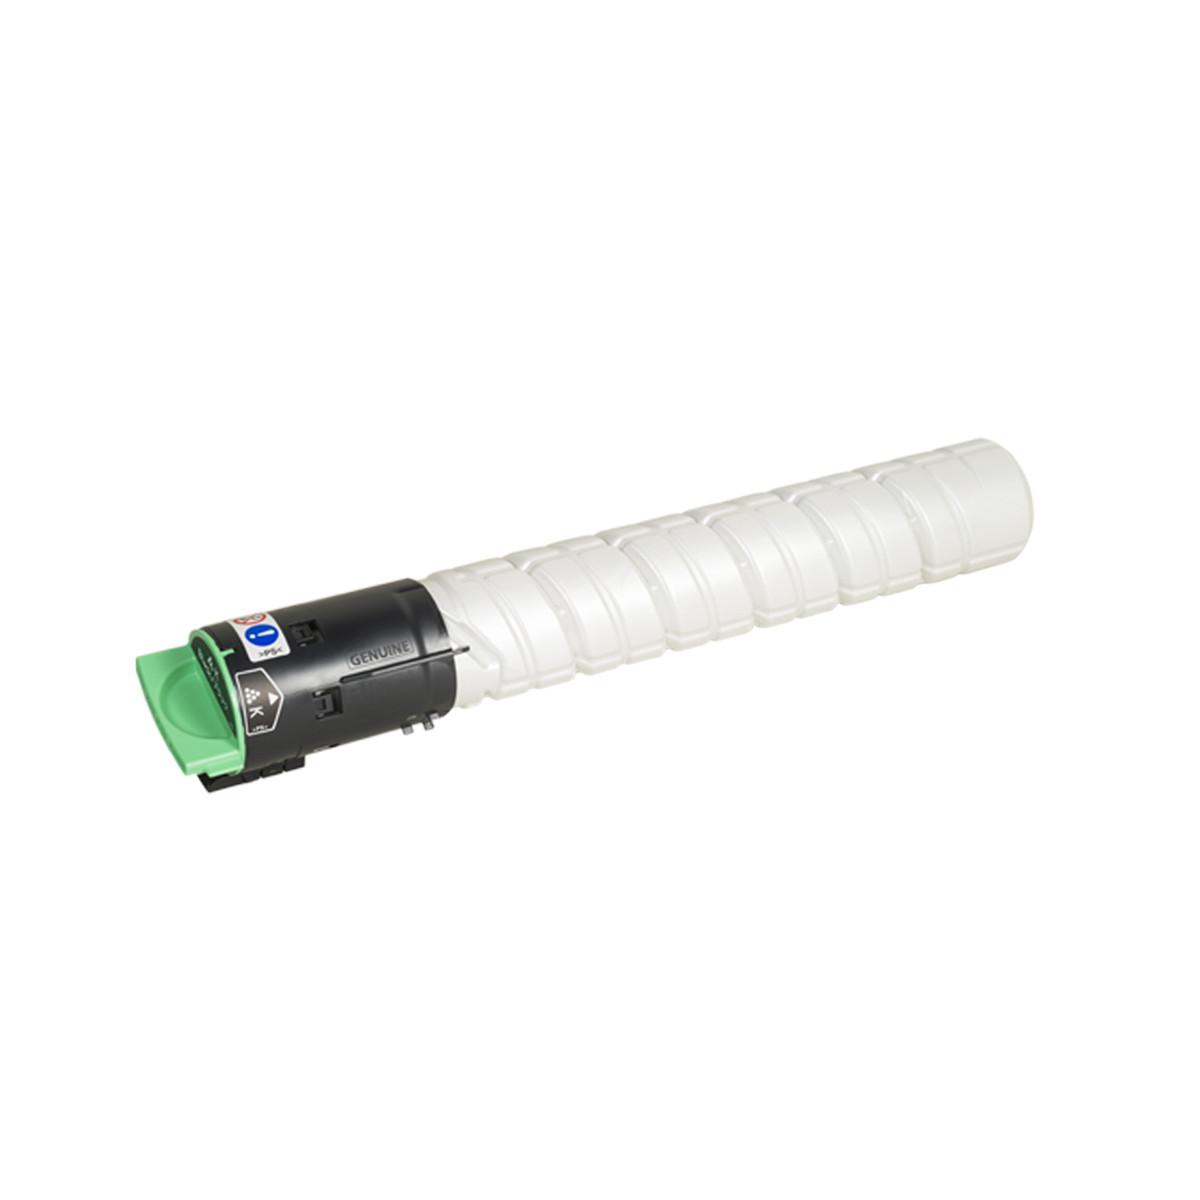 Toner Ricoh 841500 841586 Preto | C2030 C2050 C2051 C2551 | Original 10k